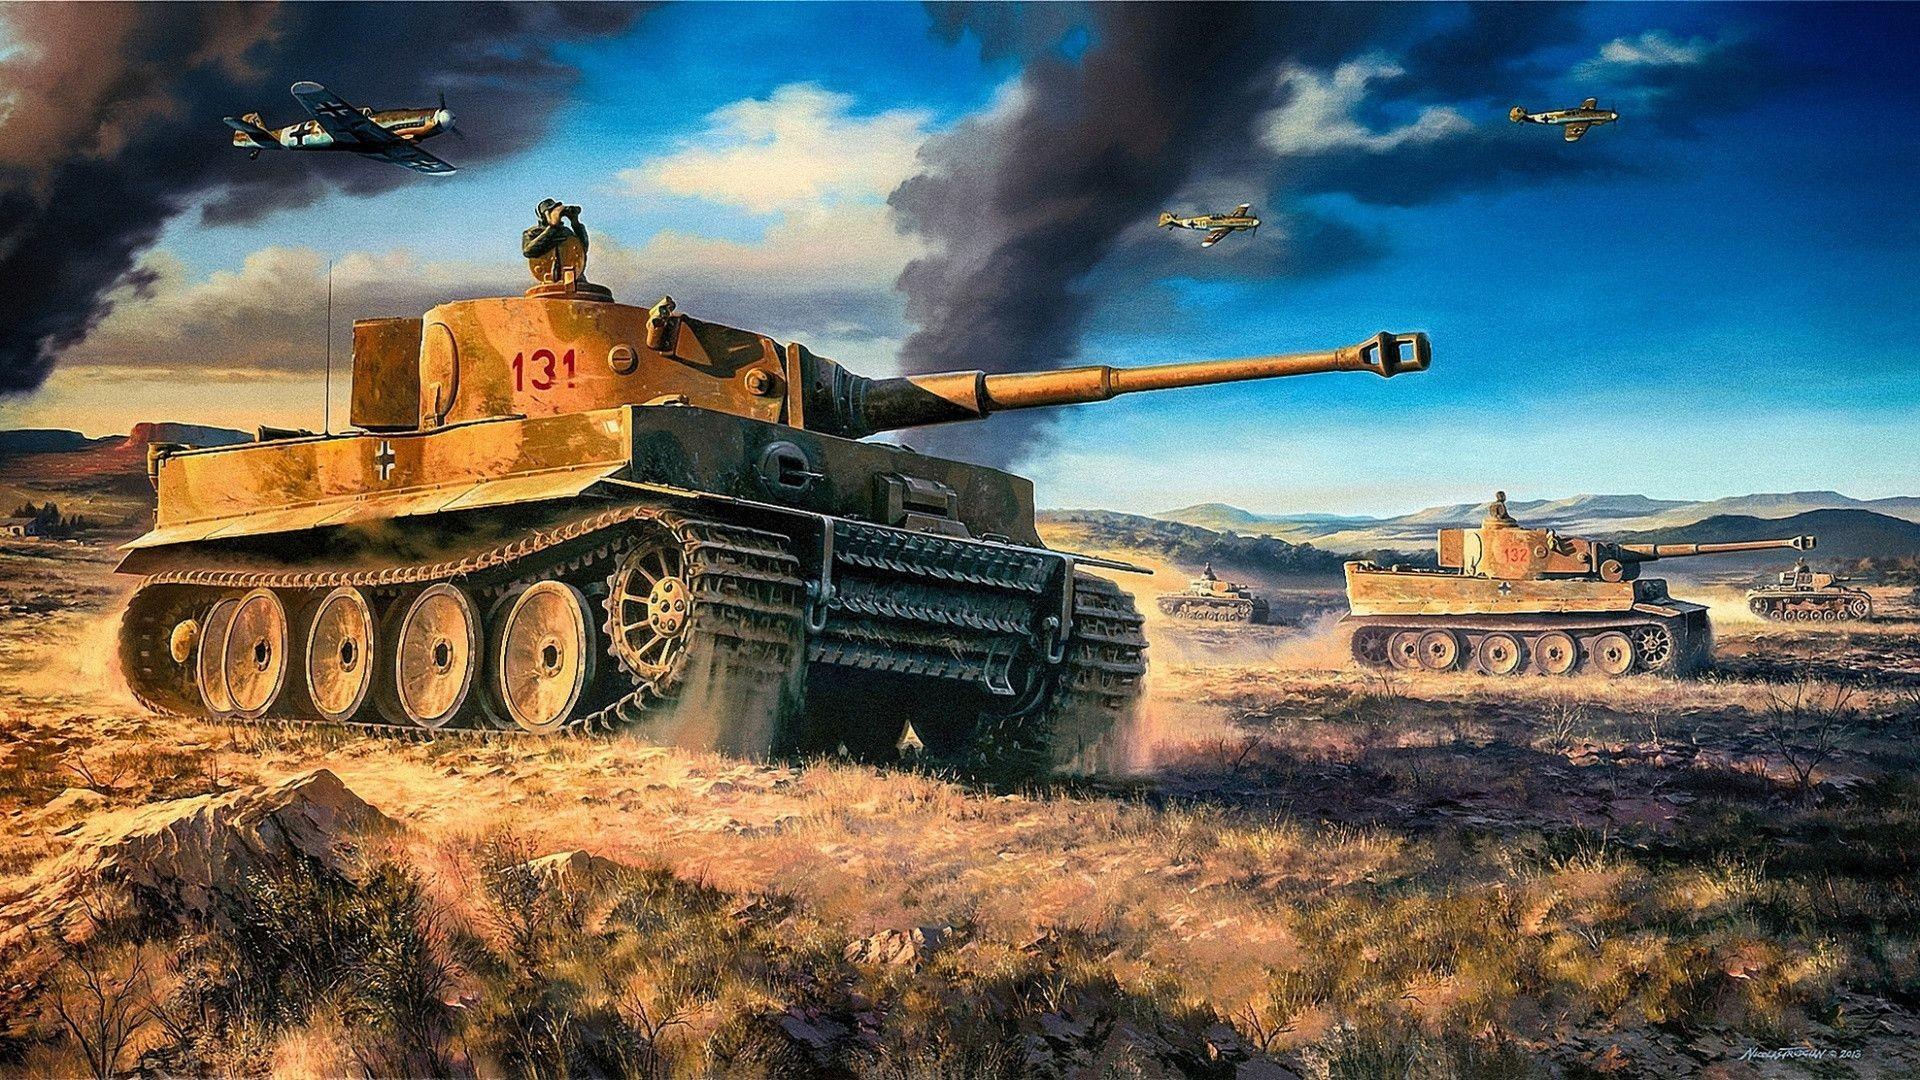 World war 1 wallpaper 58 images - Battlefield screensaver ...